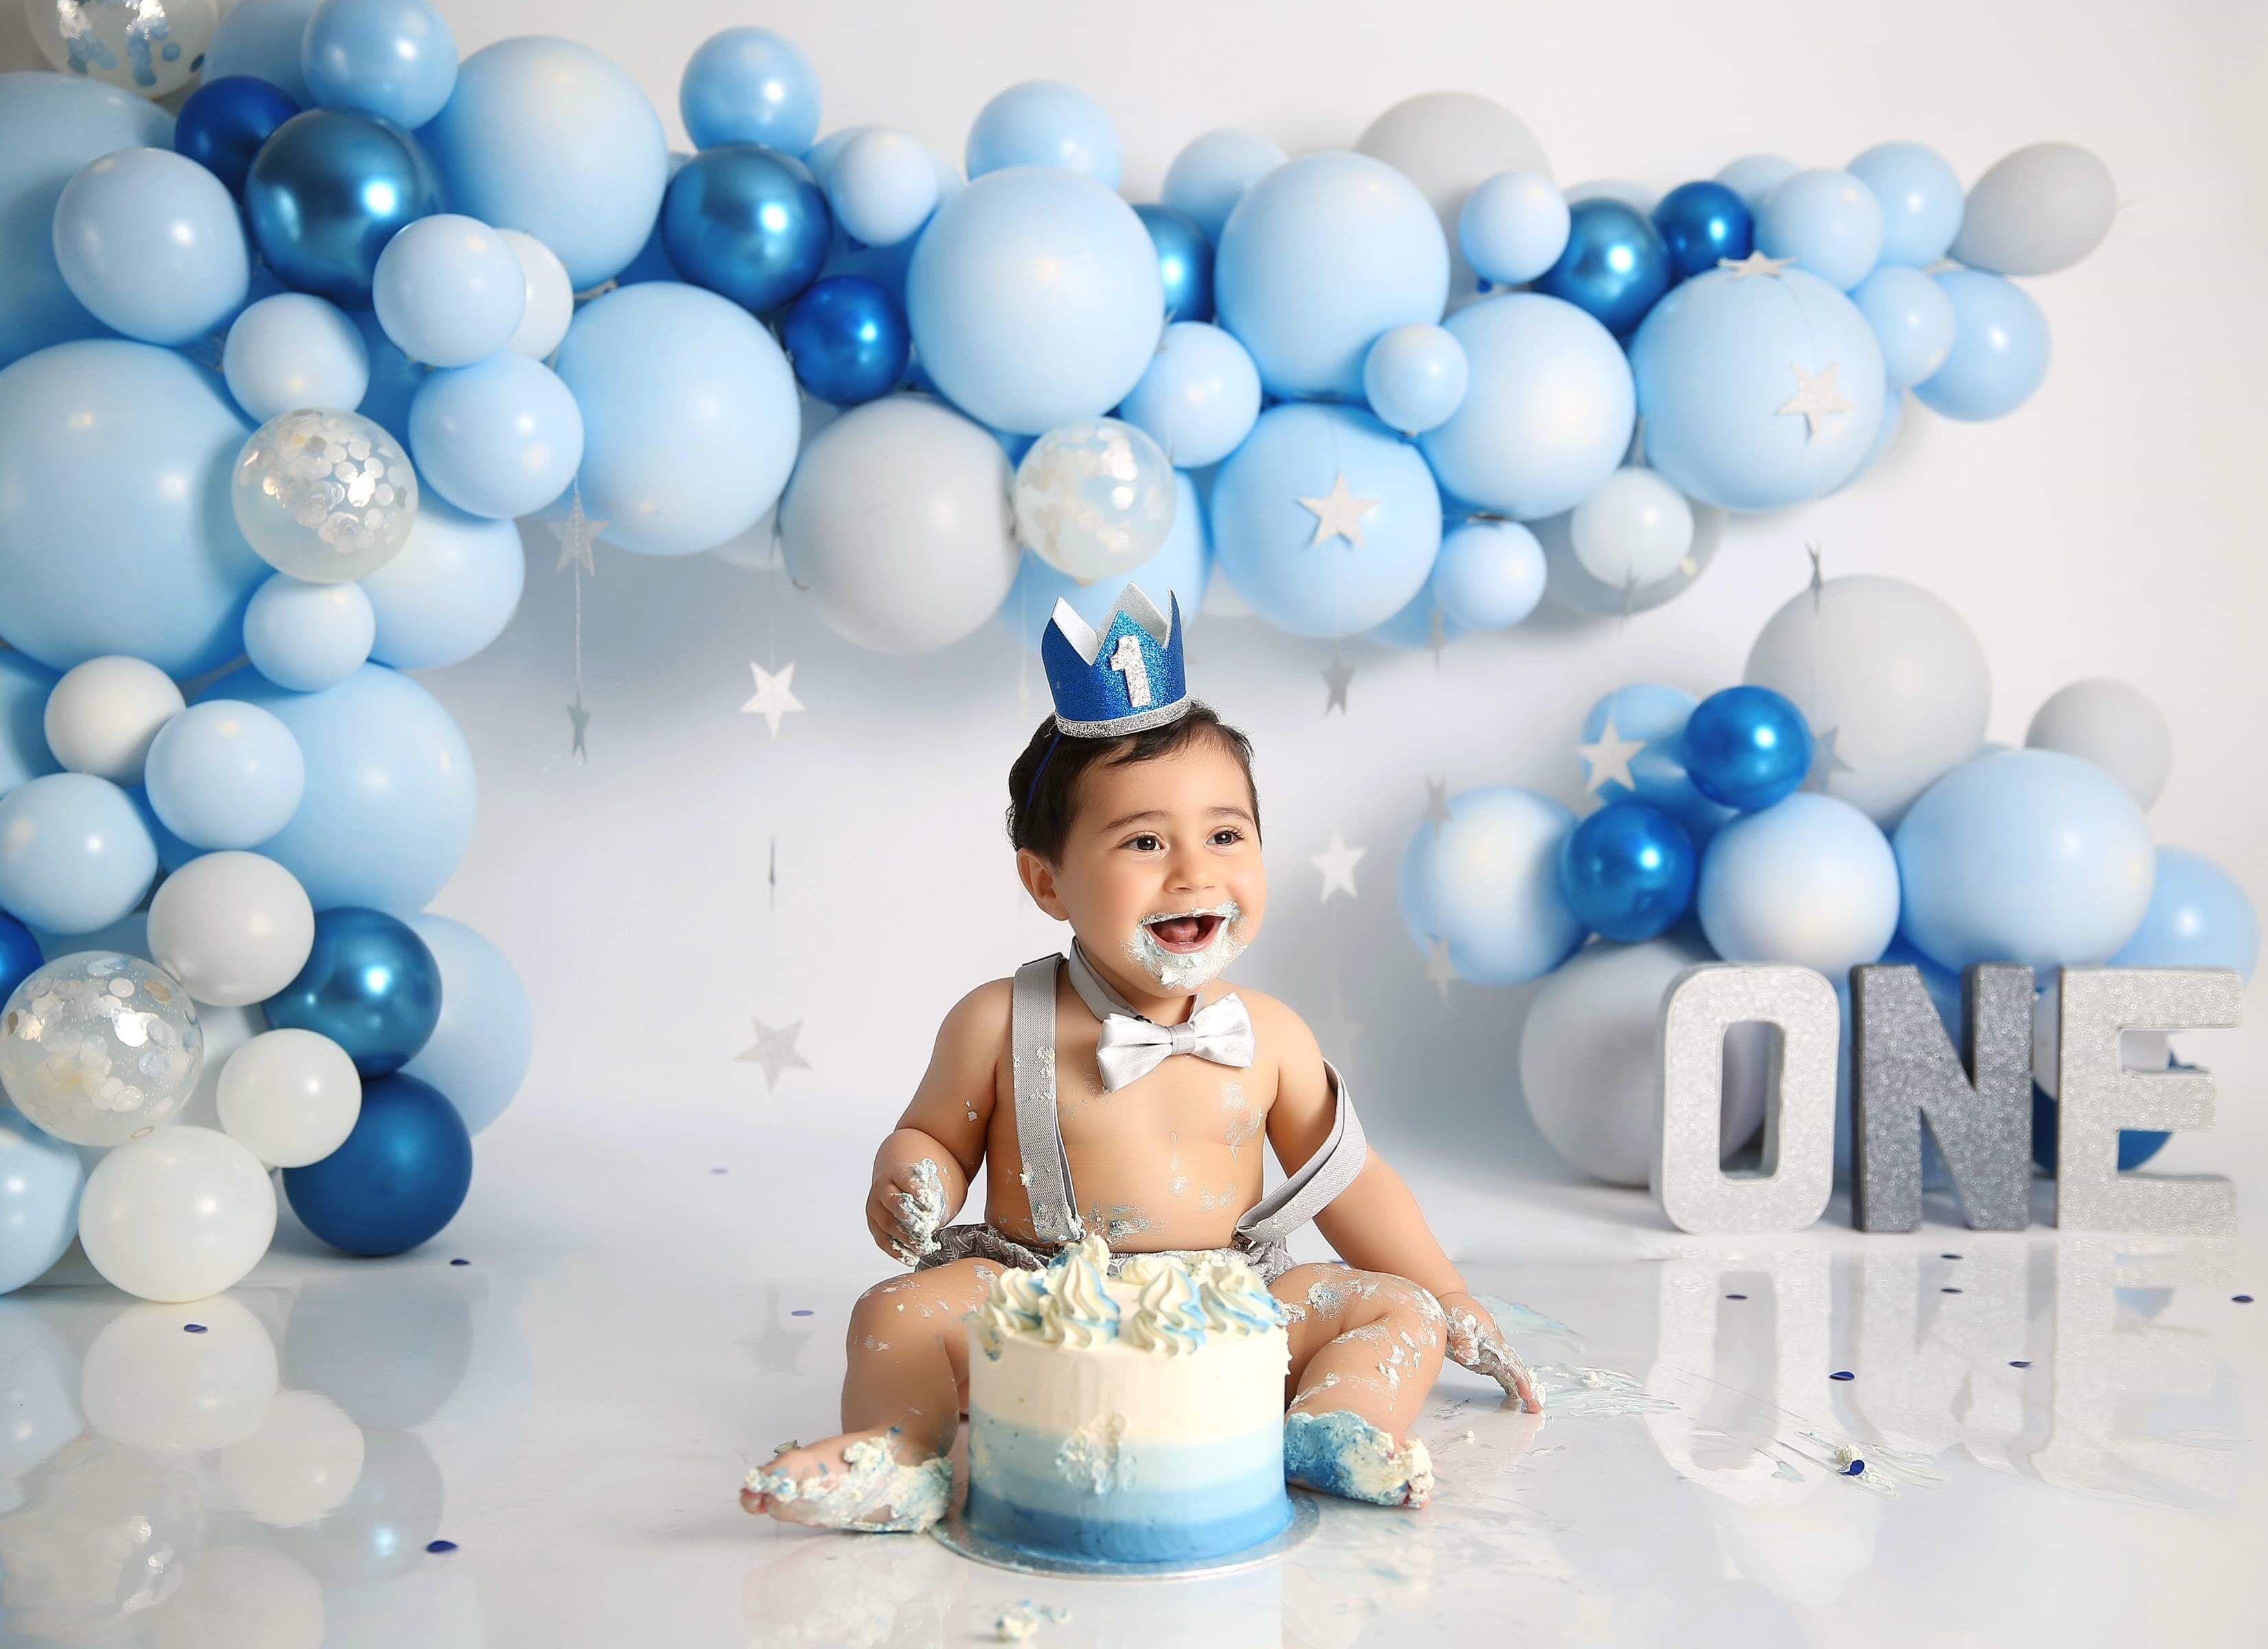 Cake Smash Boy Birthday Cake Smash Baby Boy 1st Birthday Party Boy Birthday Pictures